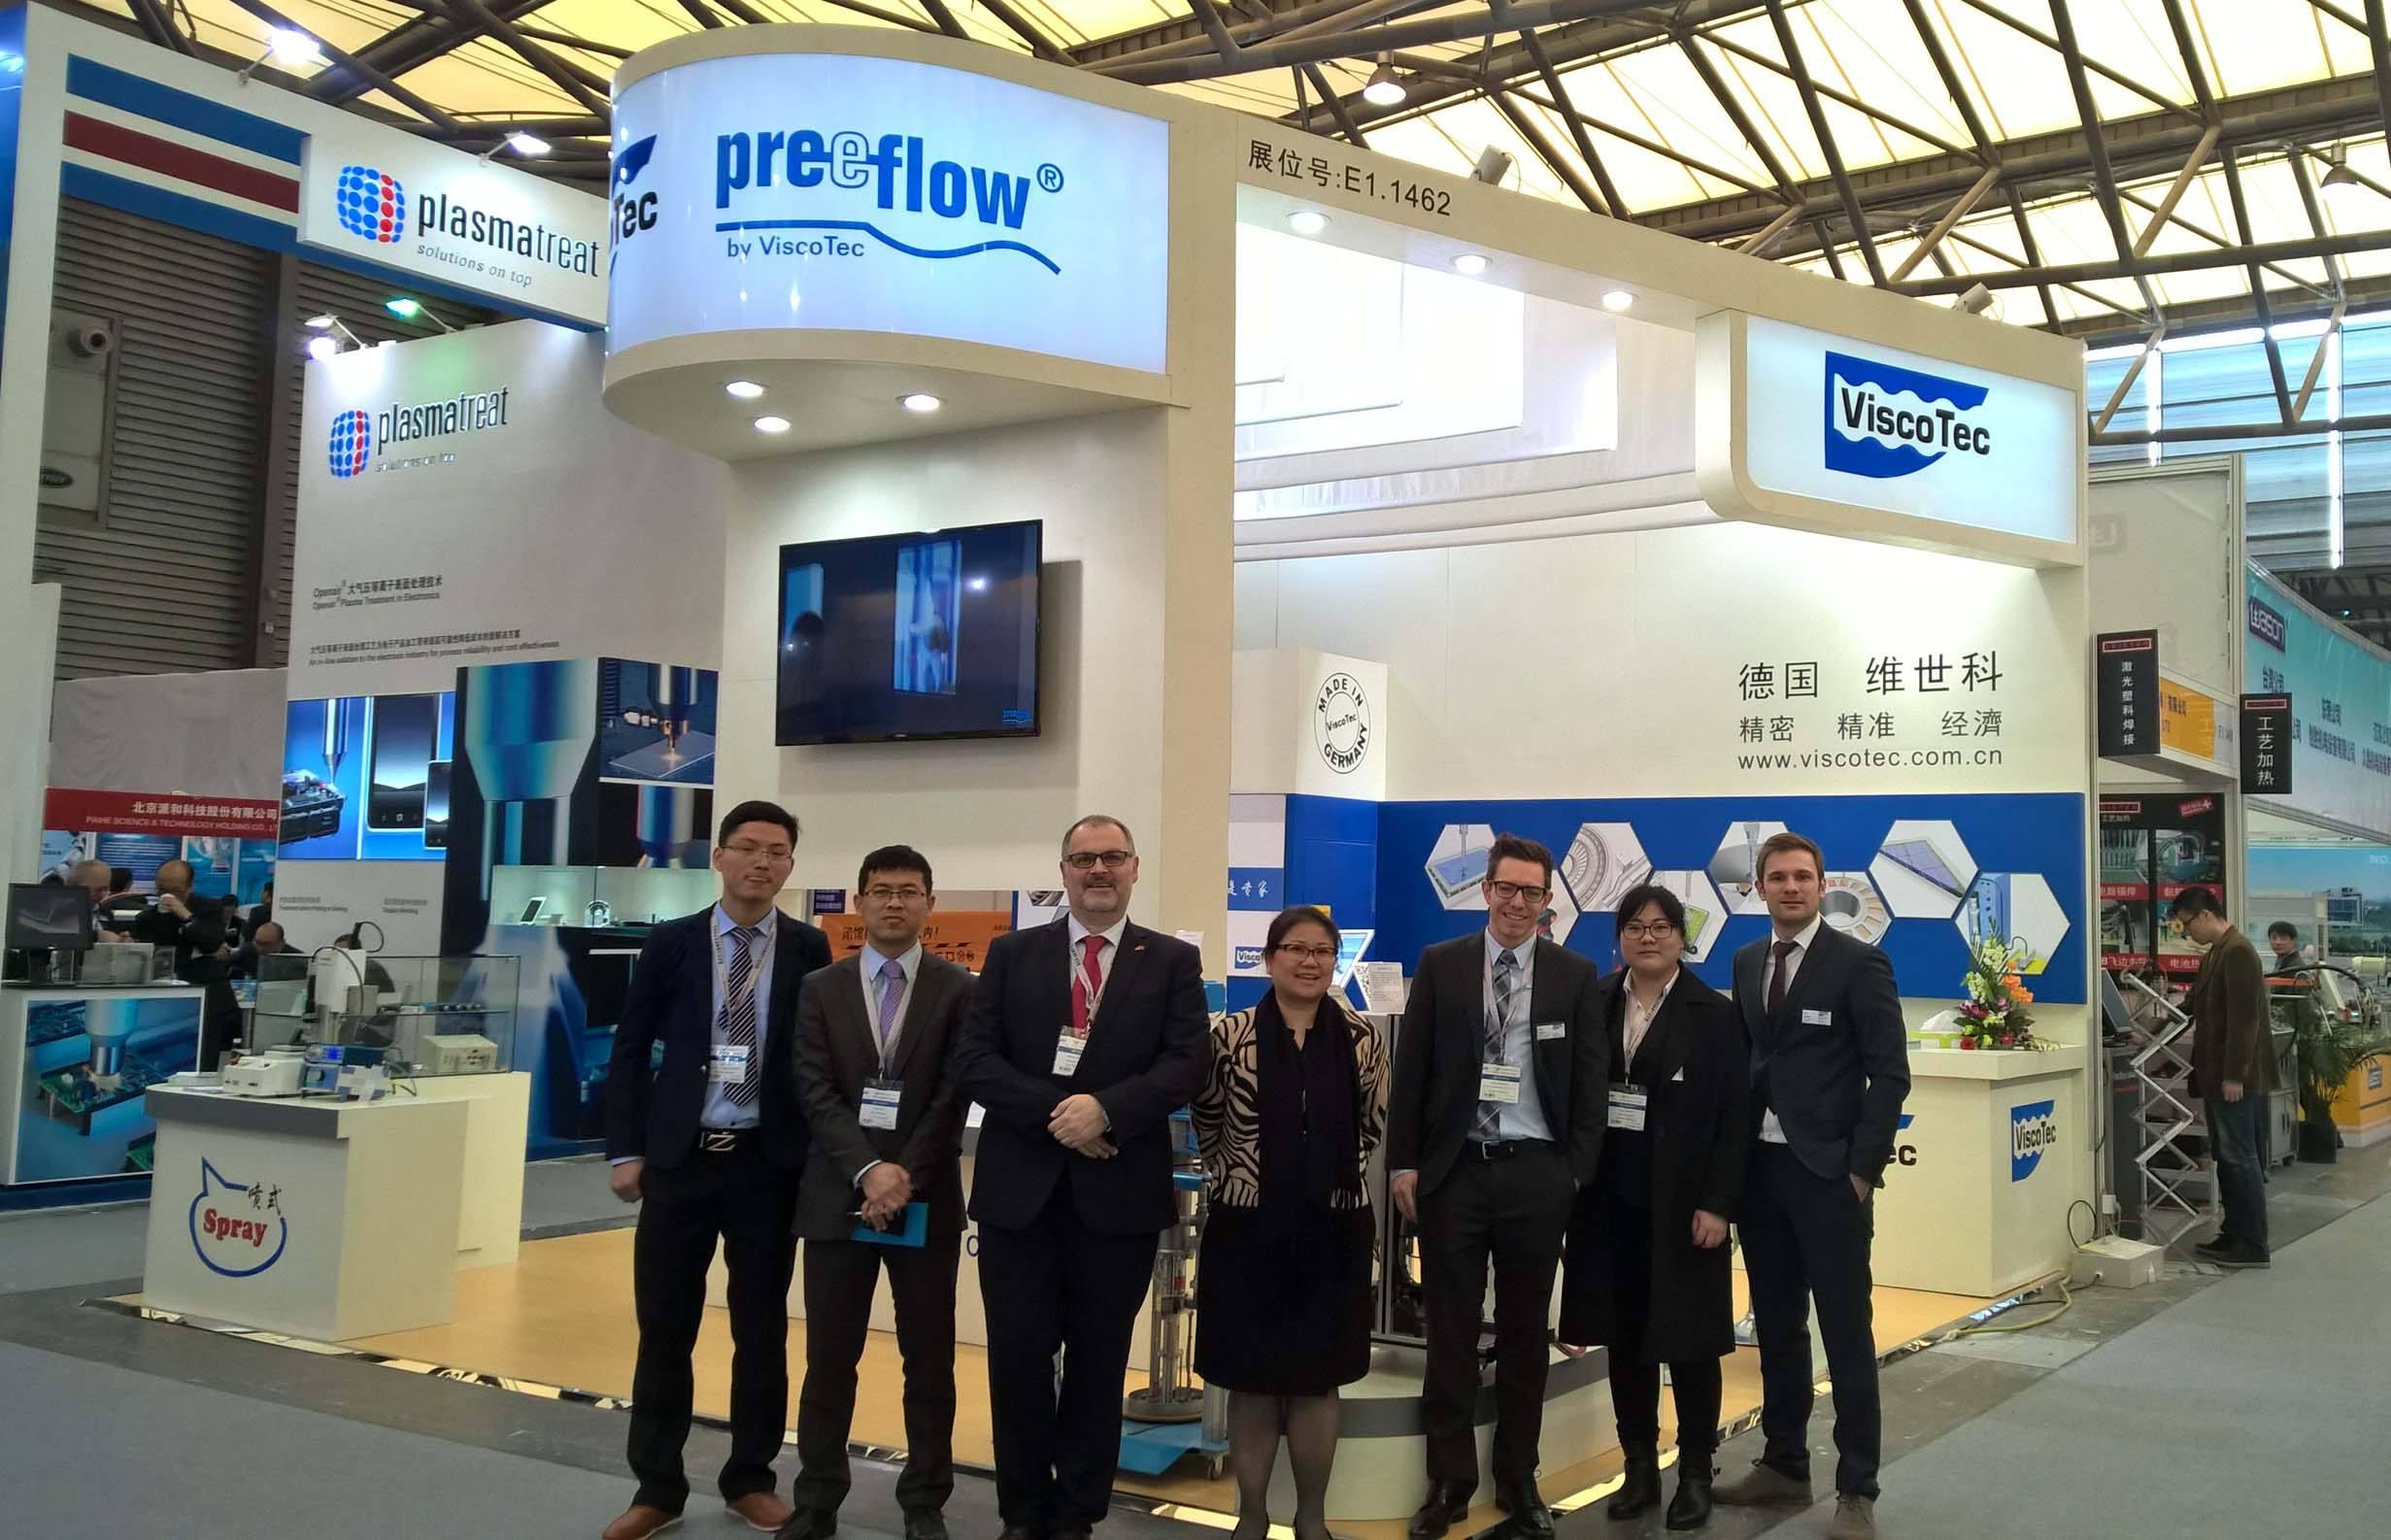 Messestand von preeflow und ViscoTec in Asien mit Kollegen von ViscoTec Asia und Kollegen aus Deutschland